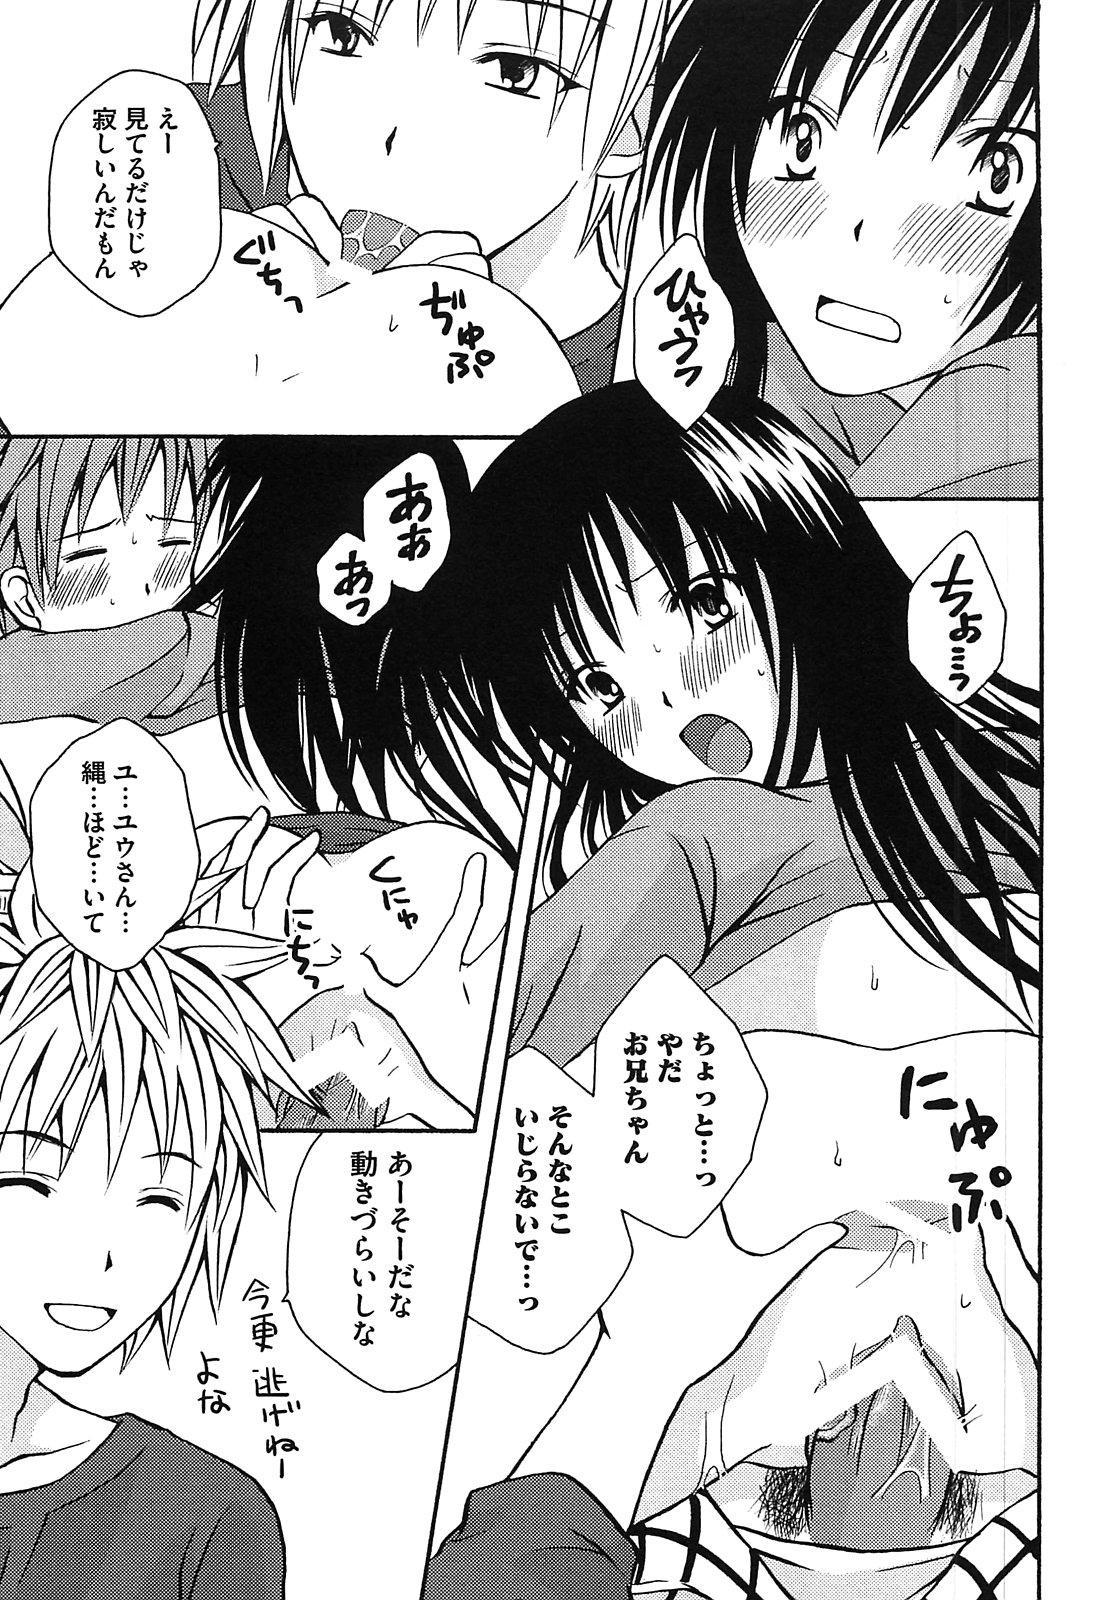 Mikan no Eroburu Nikki 169